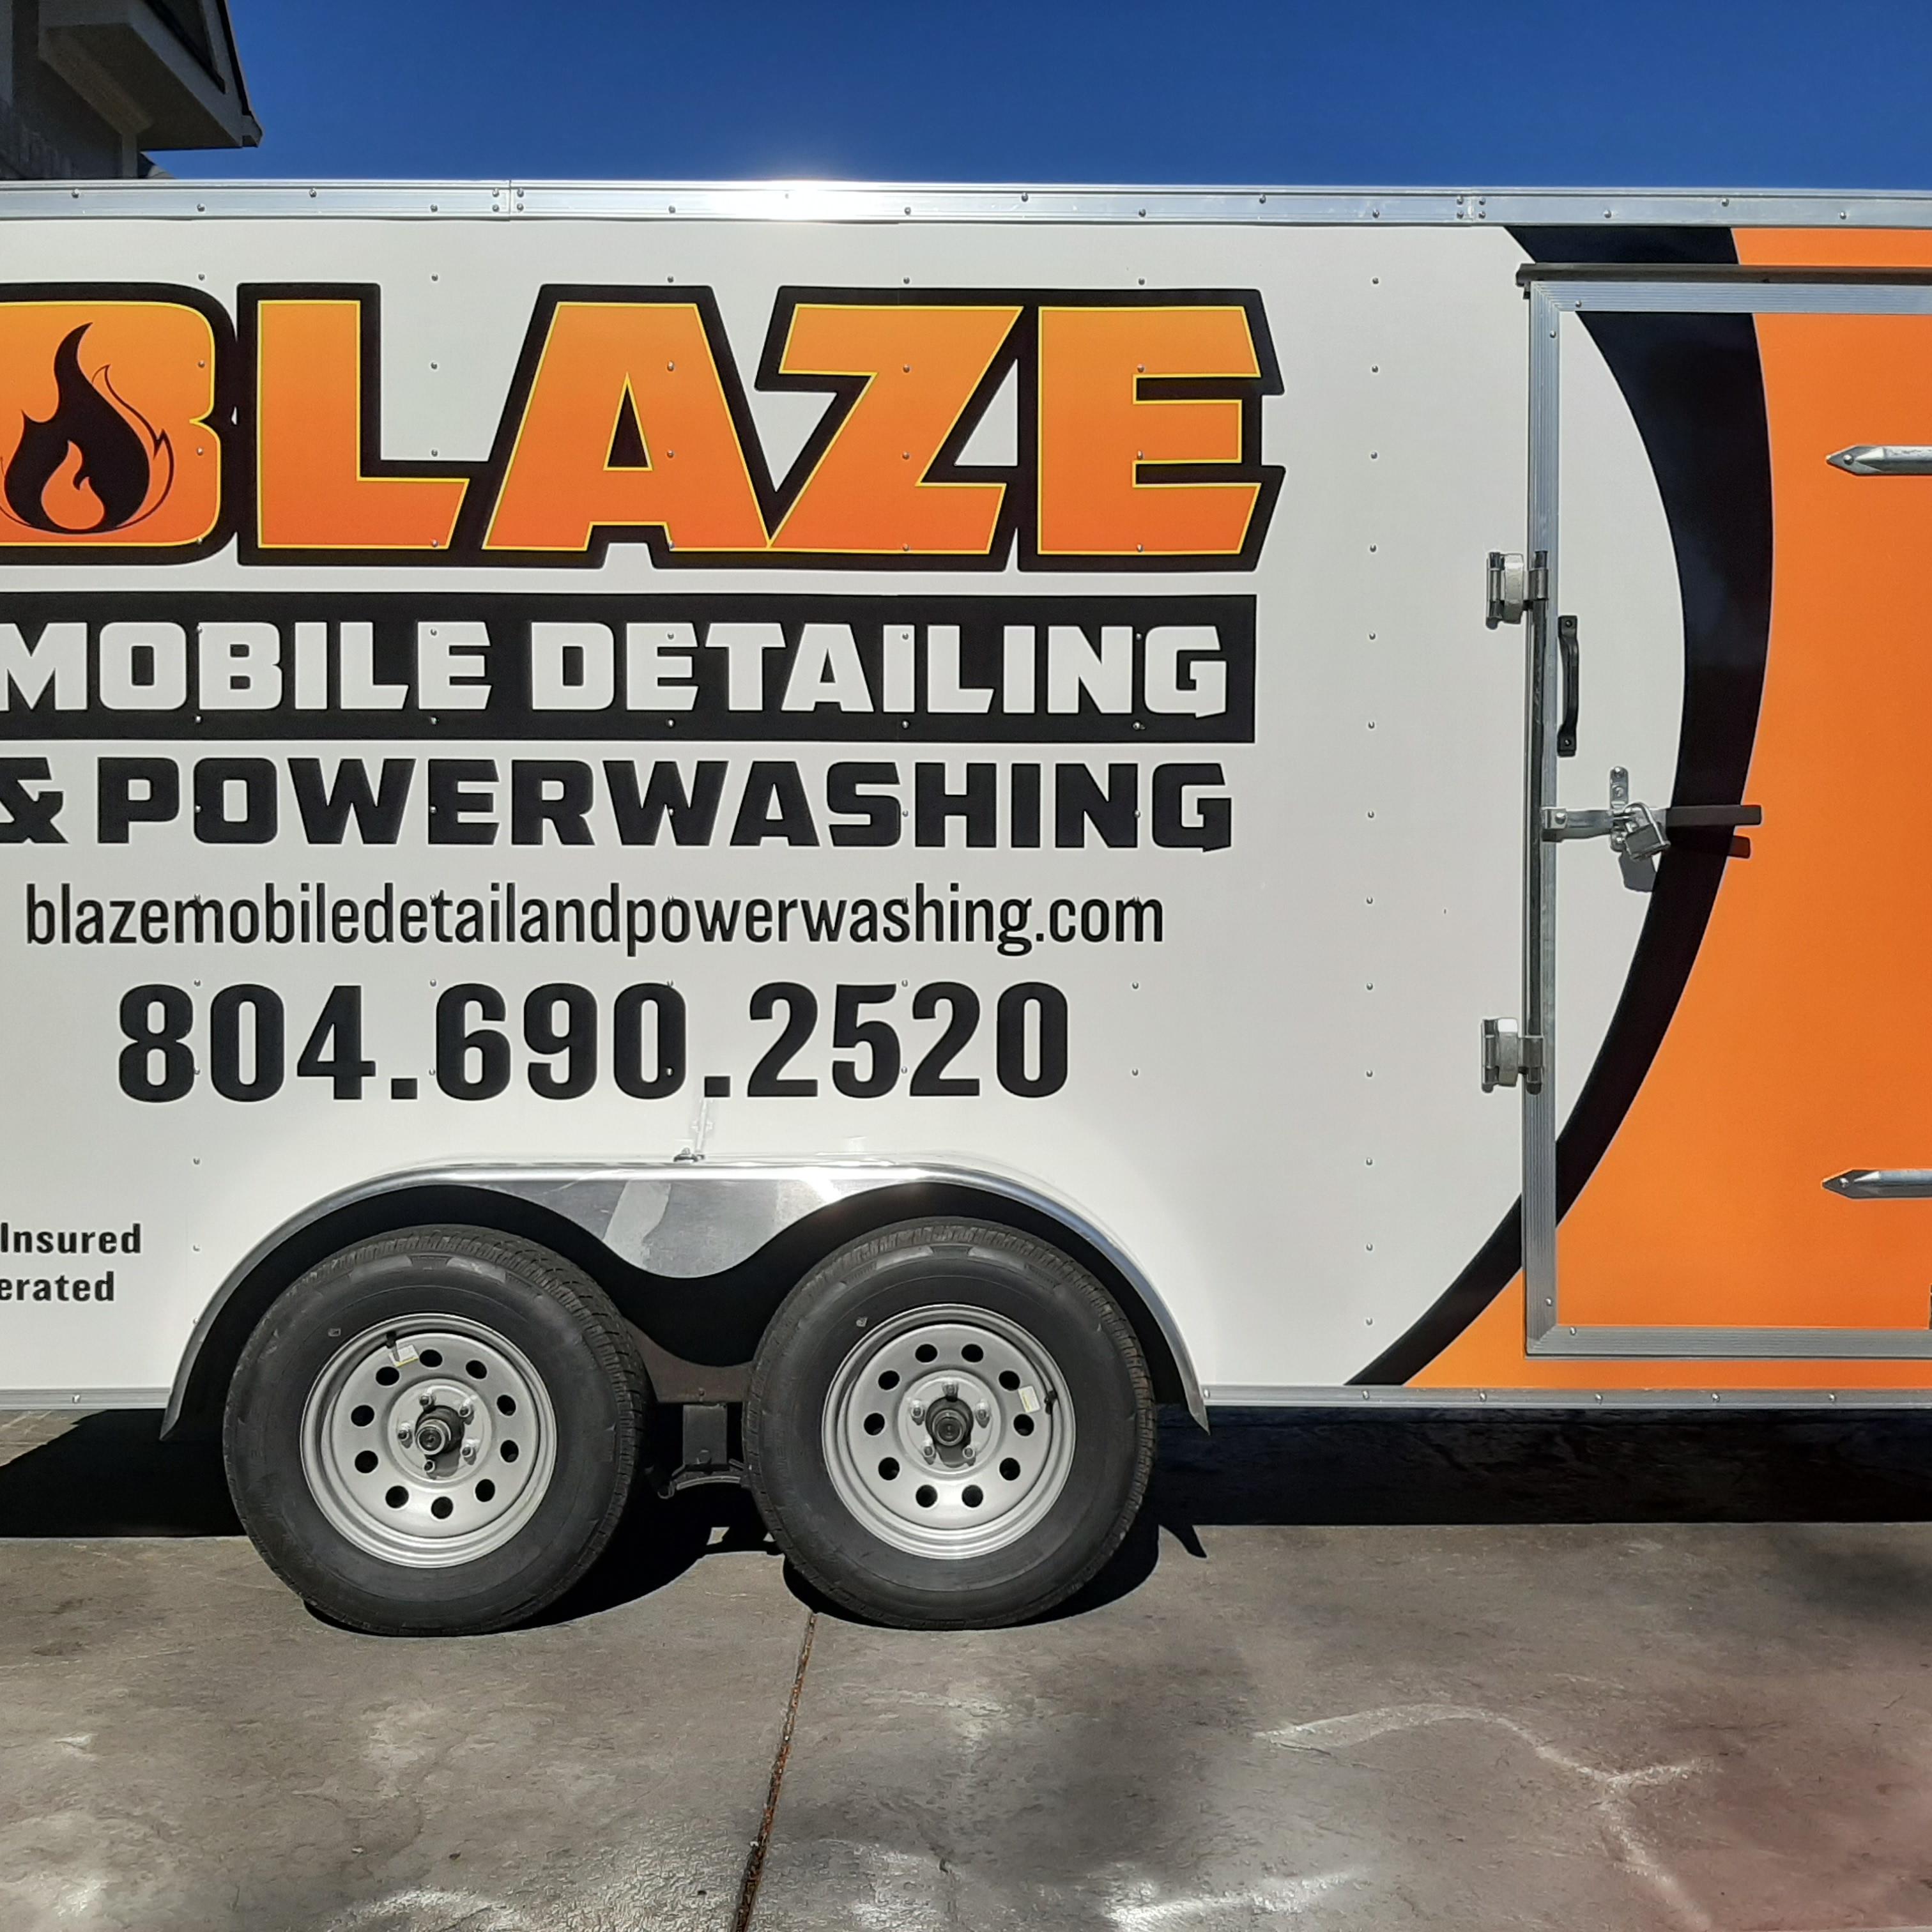 Blaze Mobile Detail & Powerwashing, LLC